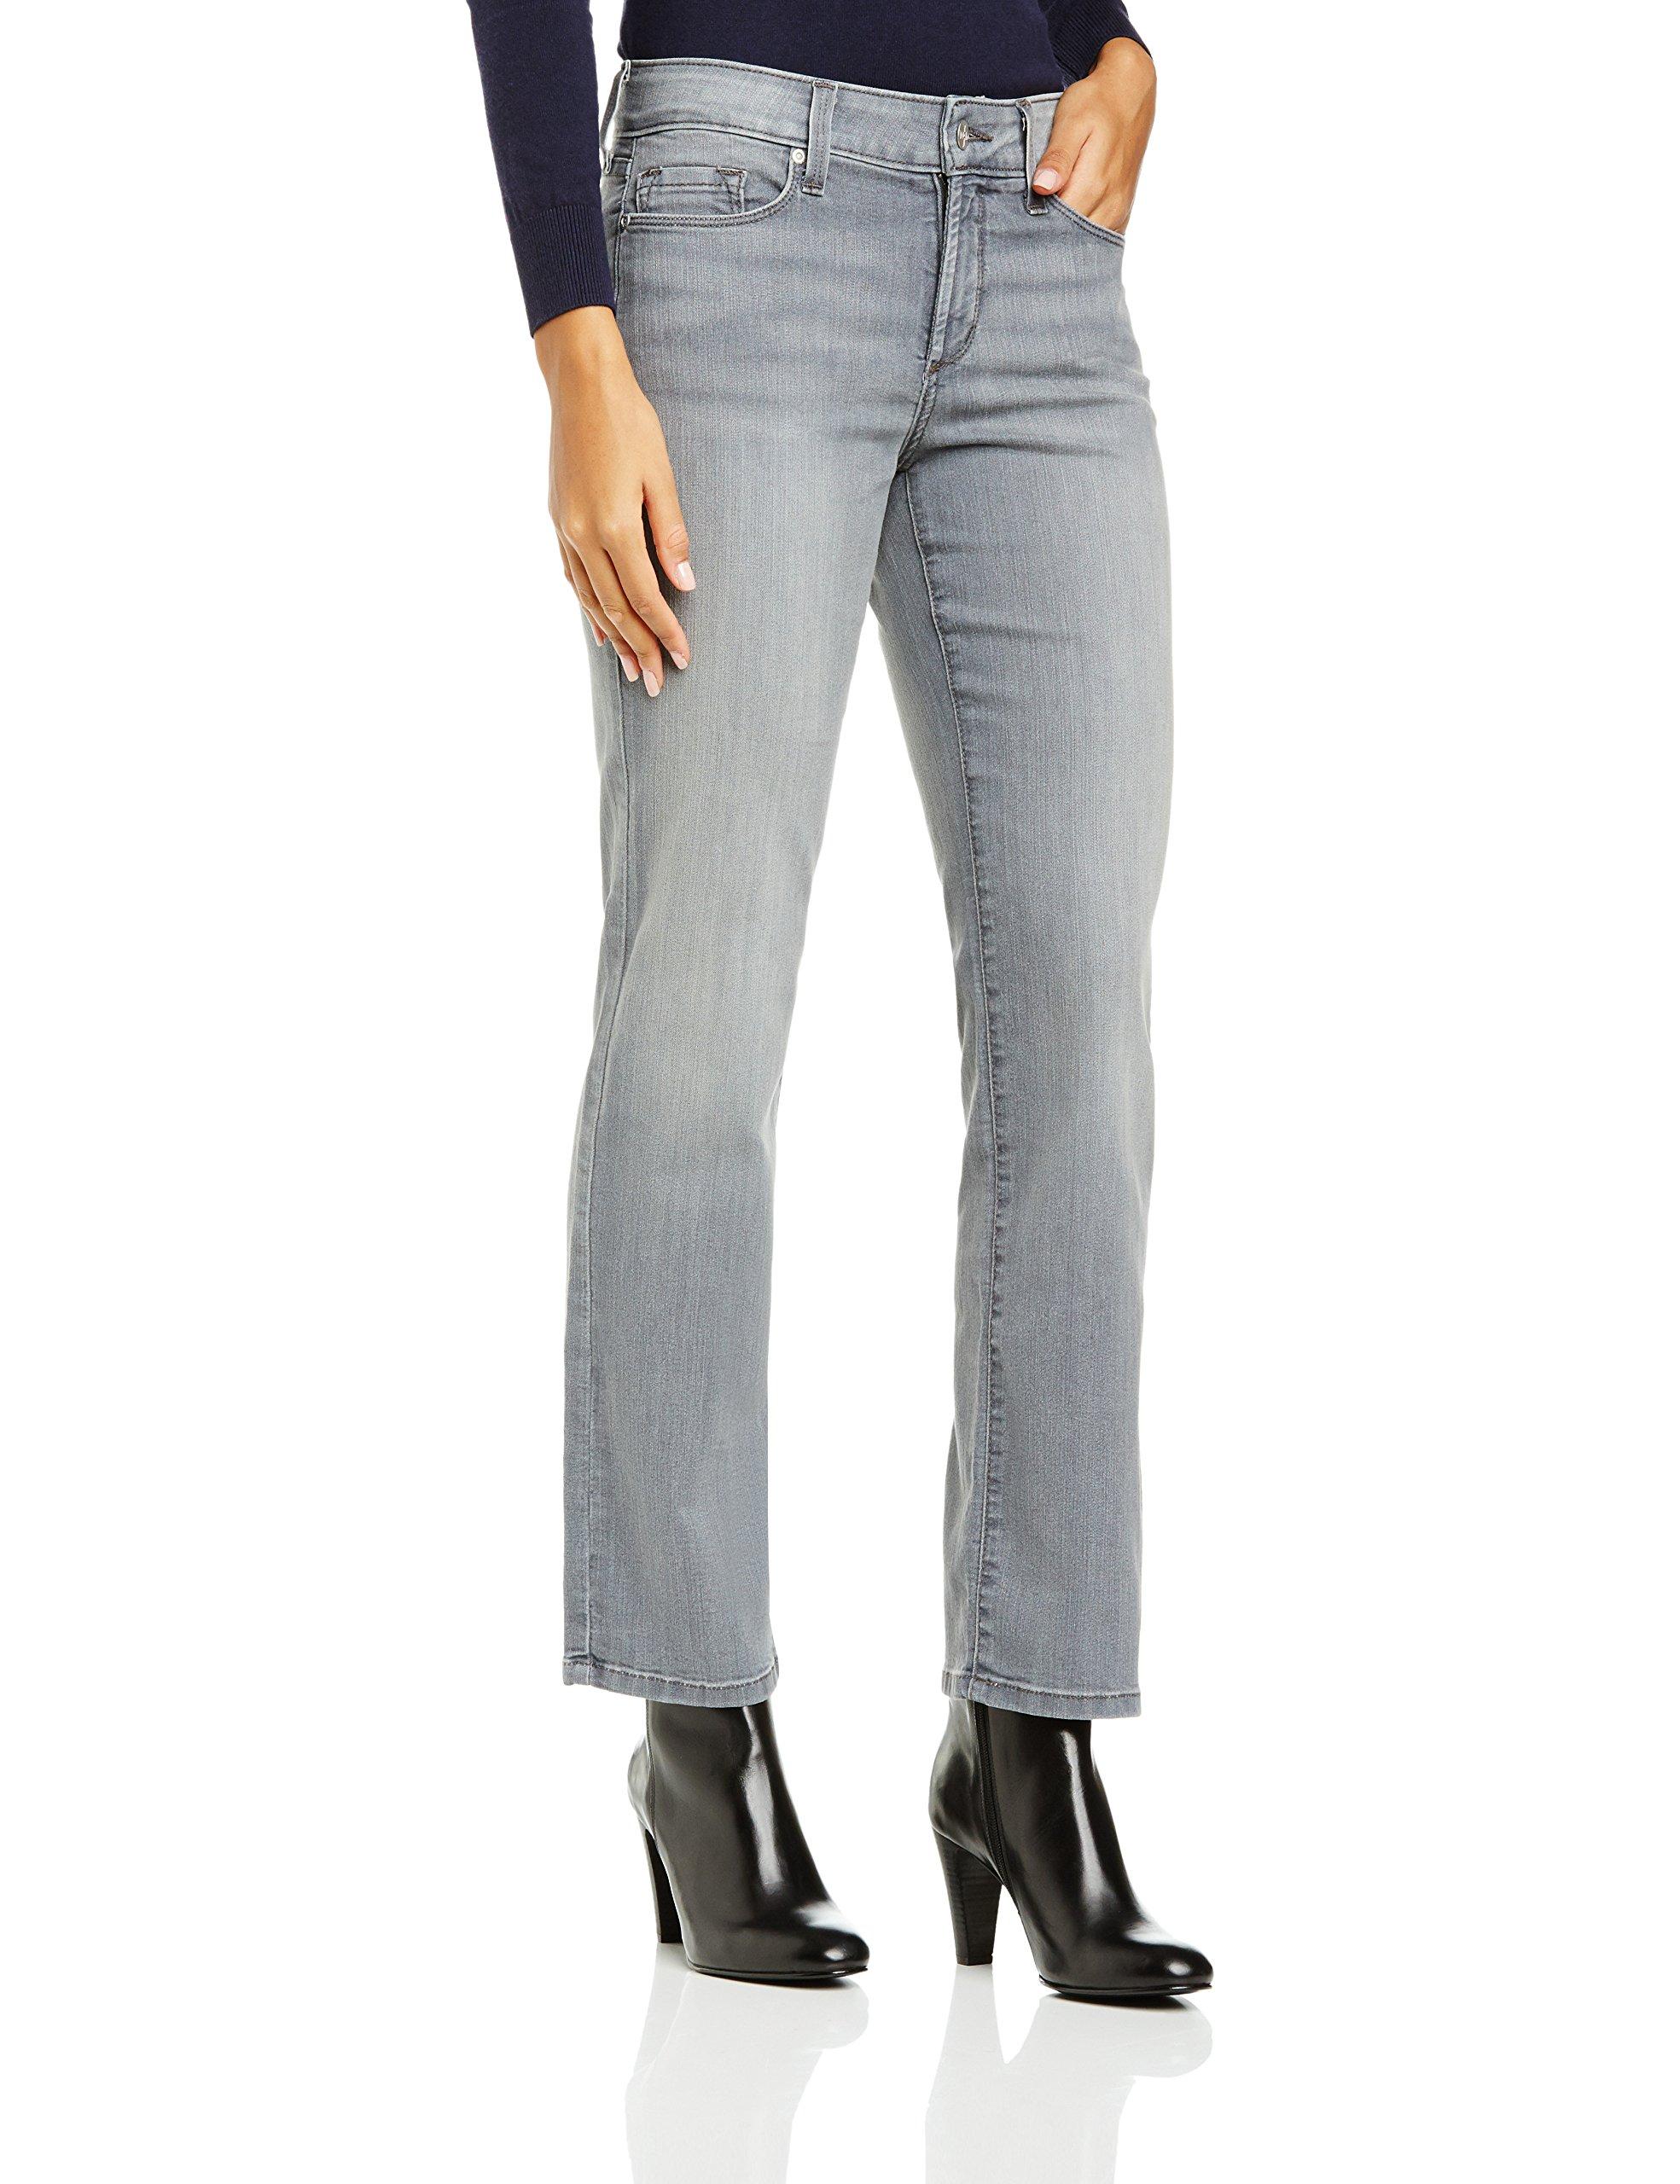 NydjJeans Femme Gris Fabricant8 Droit 34taille tBsQCrdhx